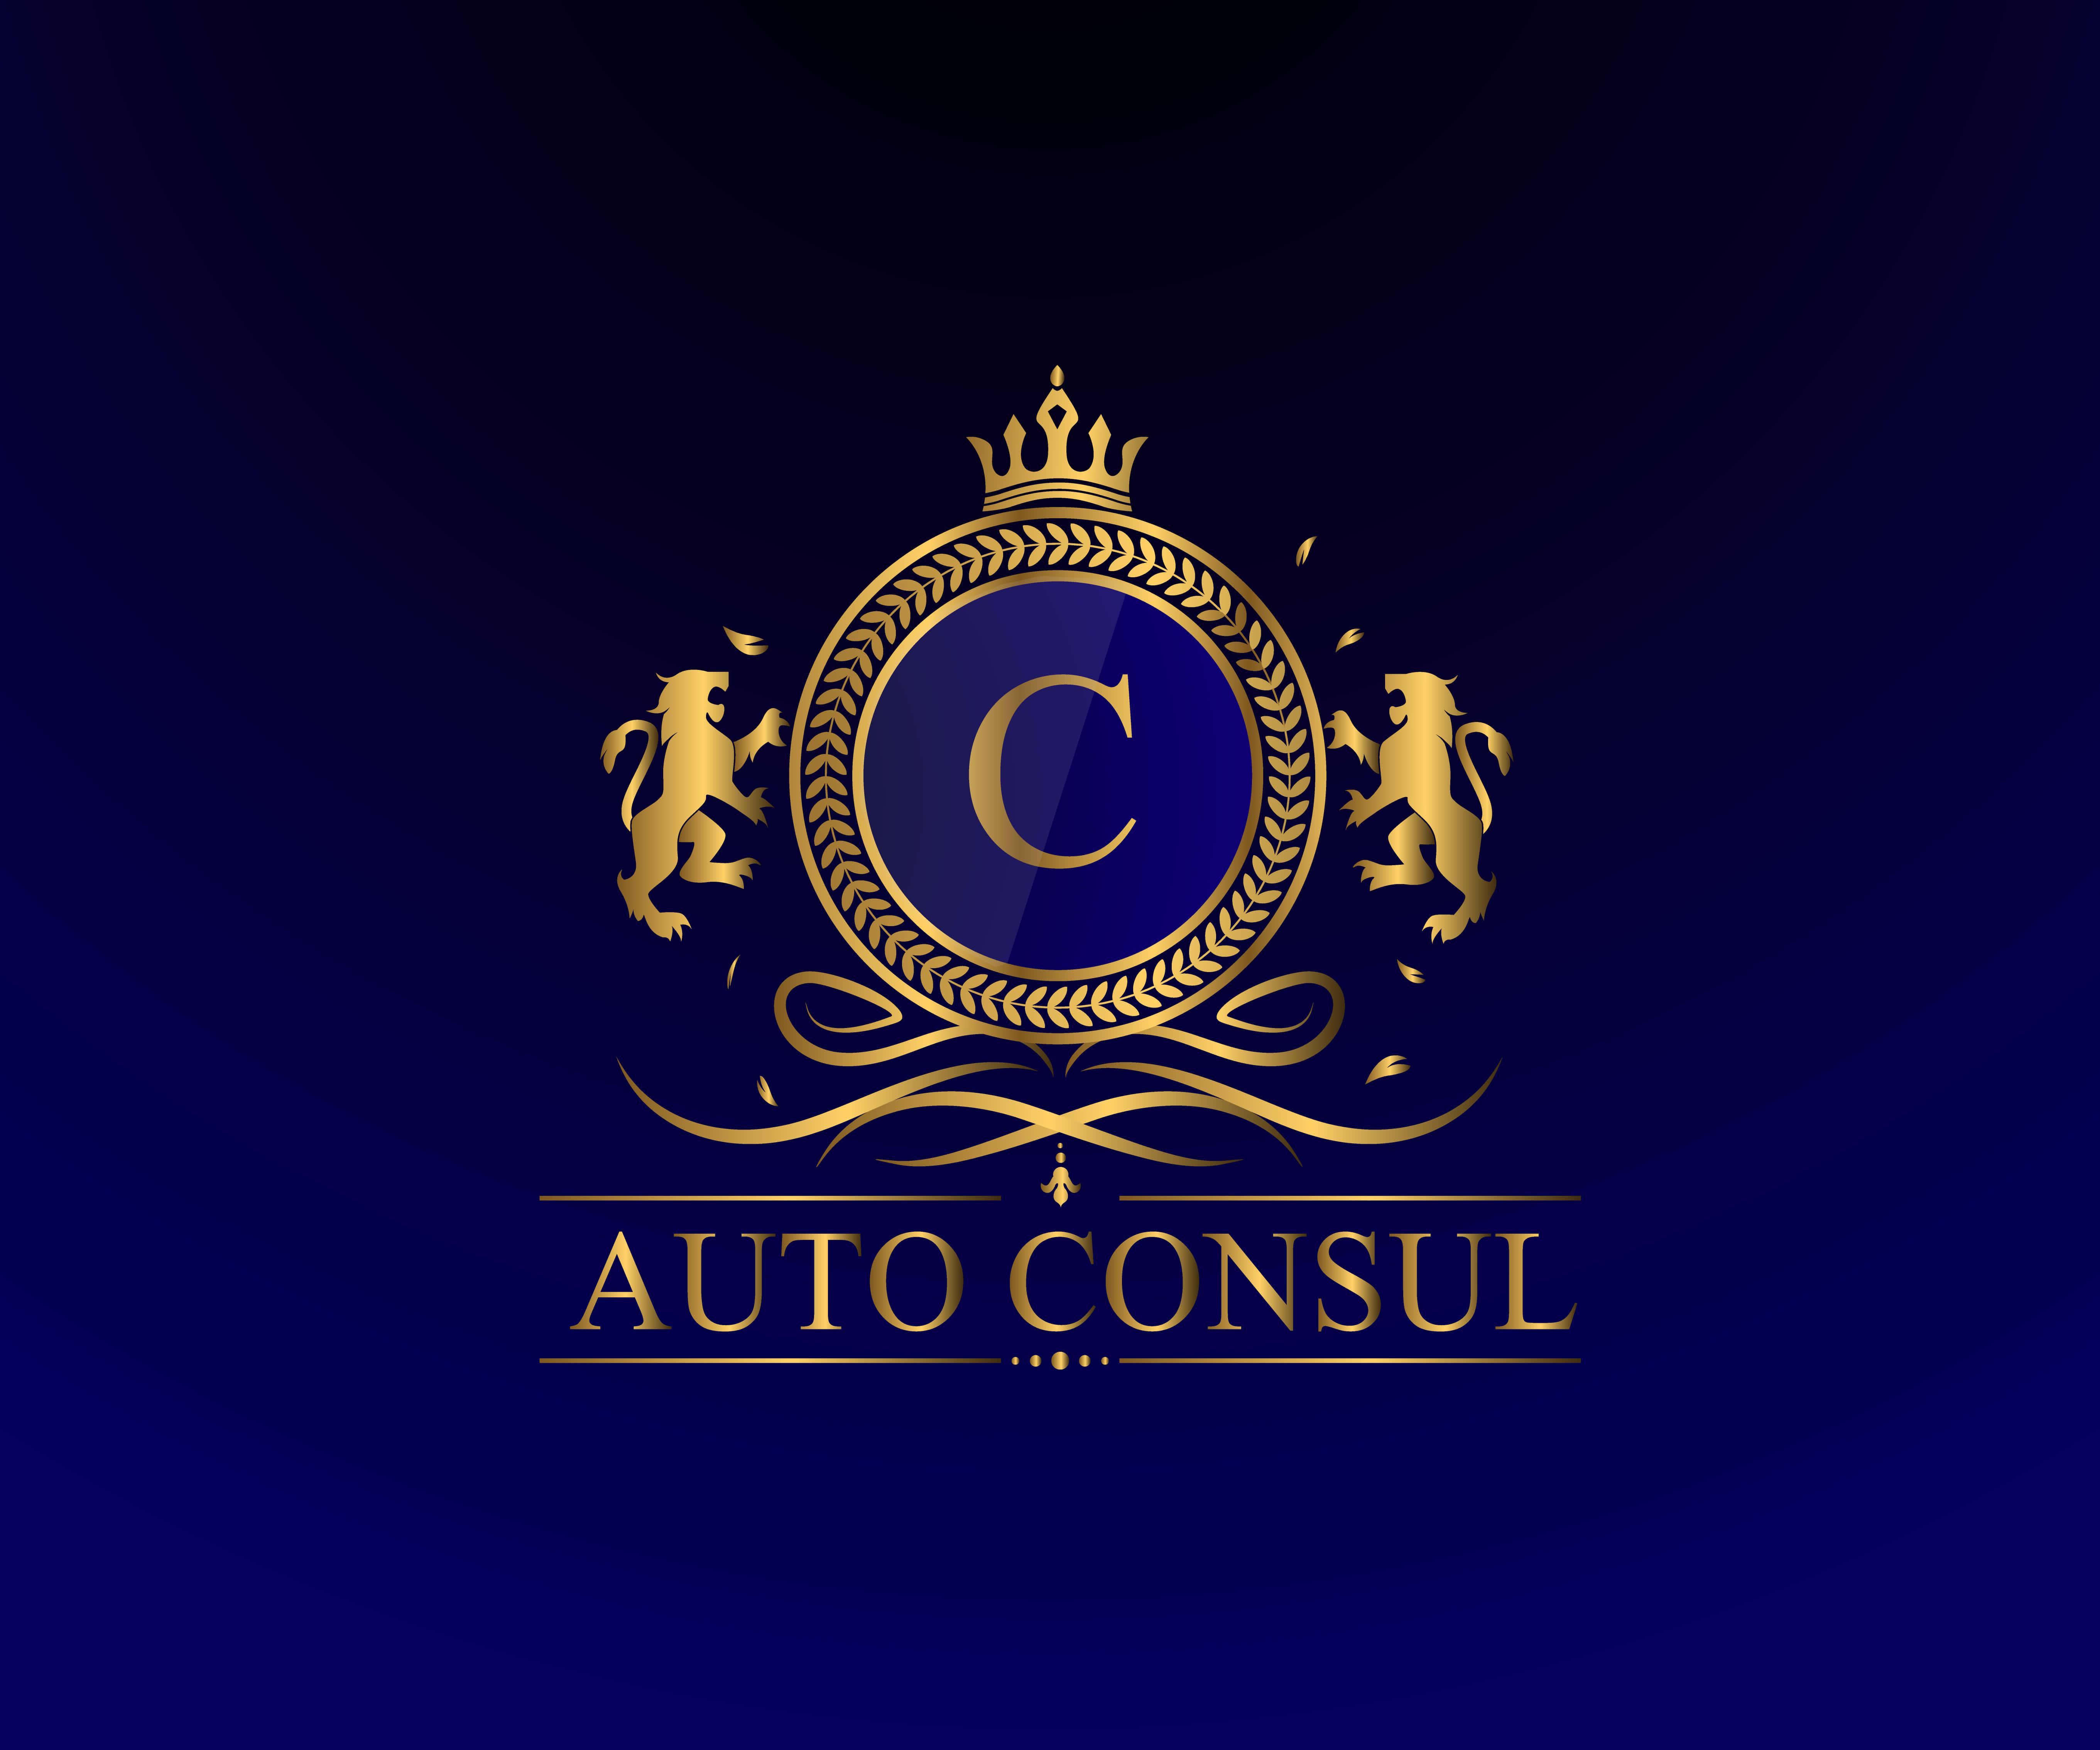 Логотип Вариации логотипа для компании автоконсул - доставка авто из США